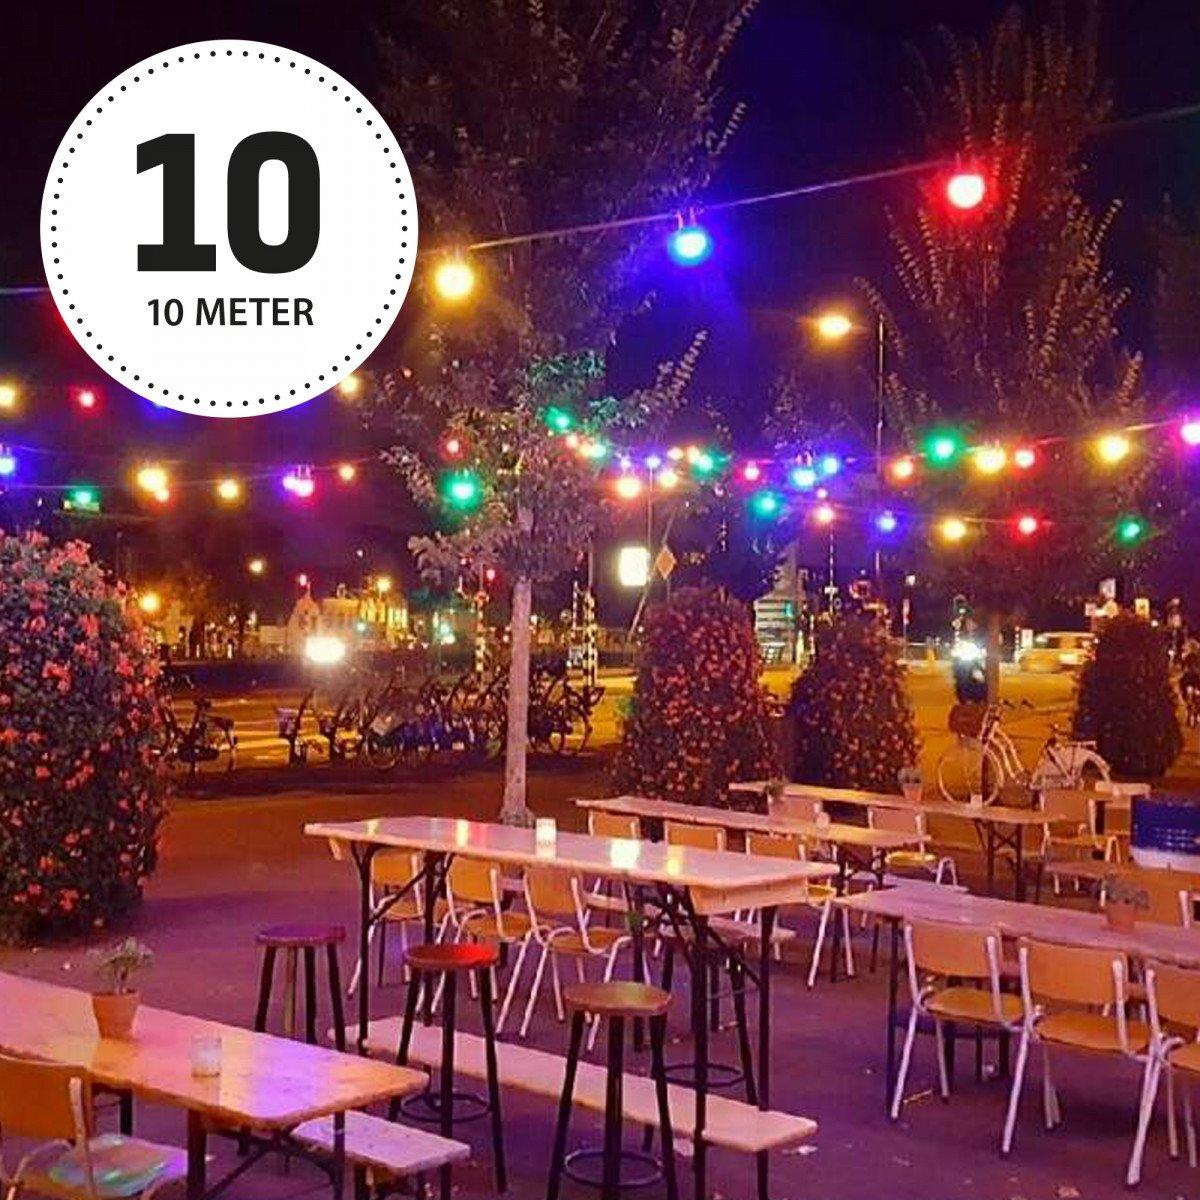 Patio 10 Innen- und Außen Lichterkette mit bunten LED's - 10 Meter